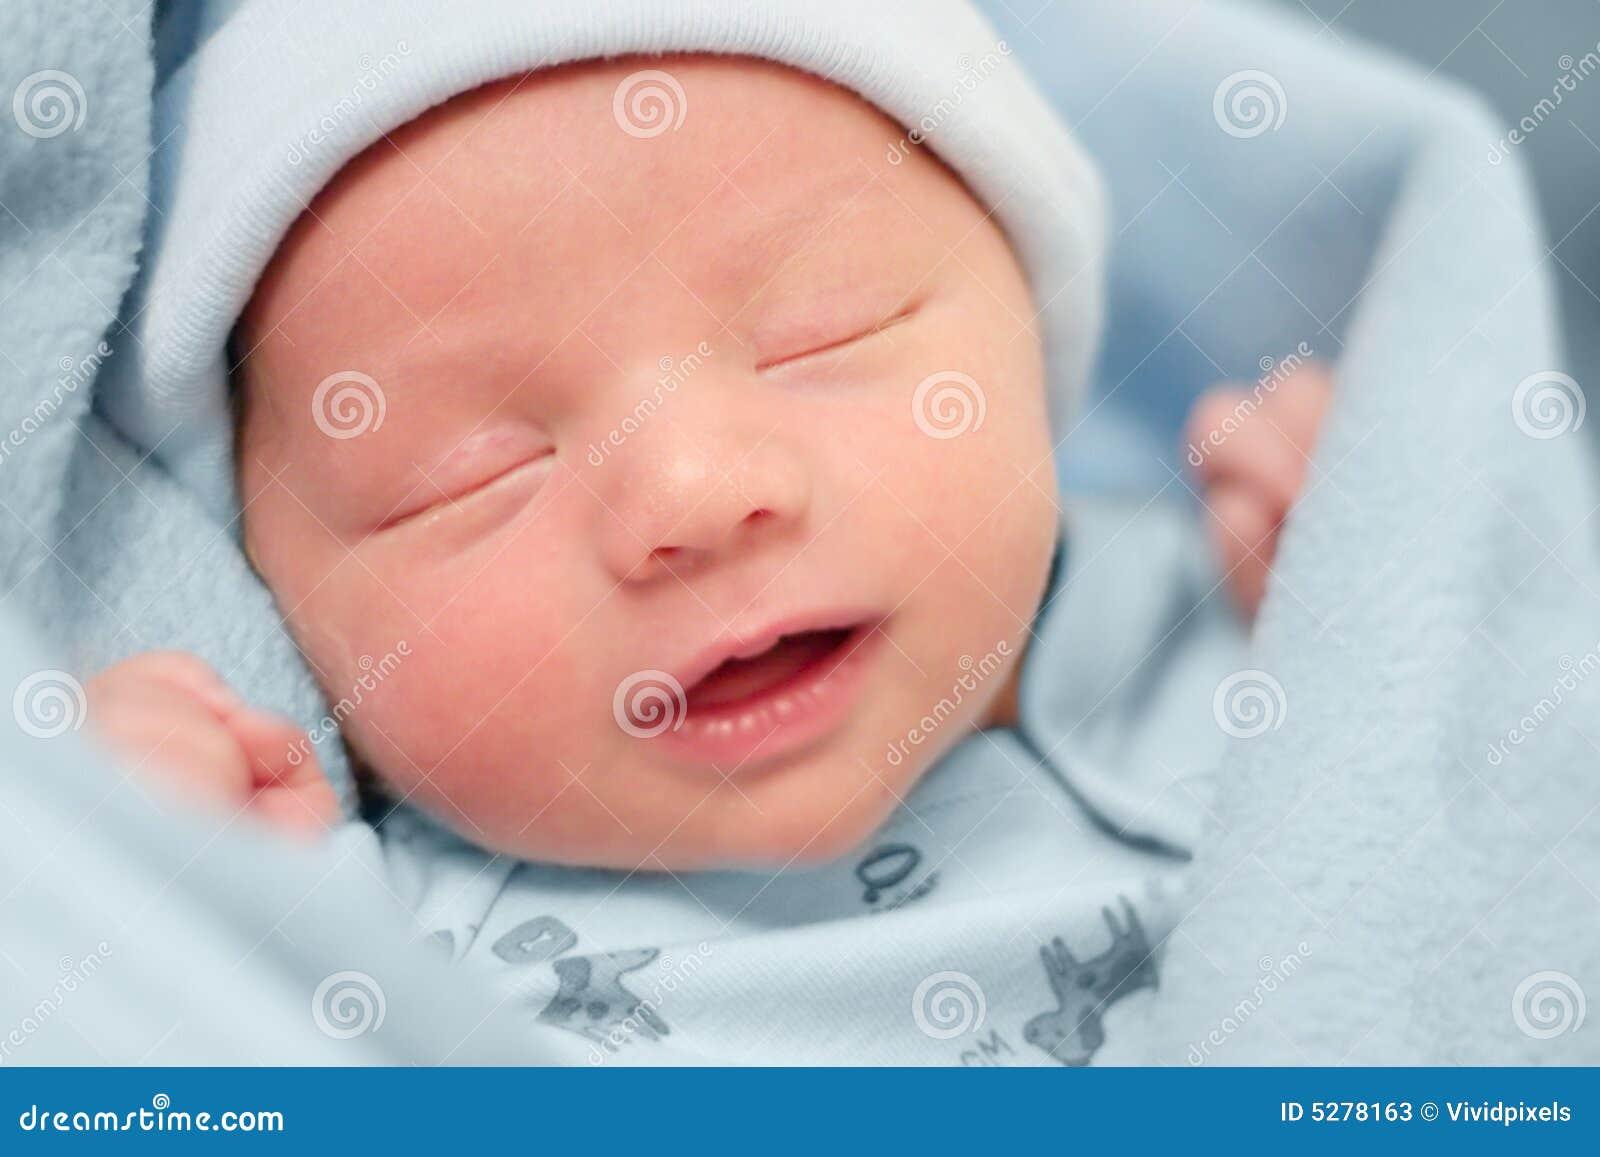 Baby die met een Vreedzame Uitdrukking op Gezicht rust